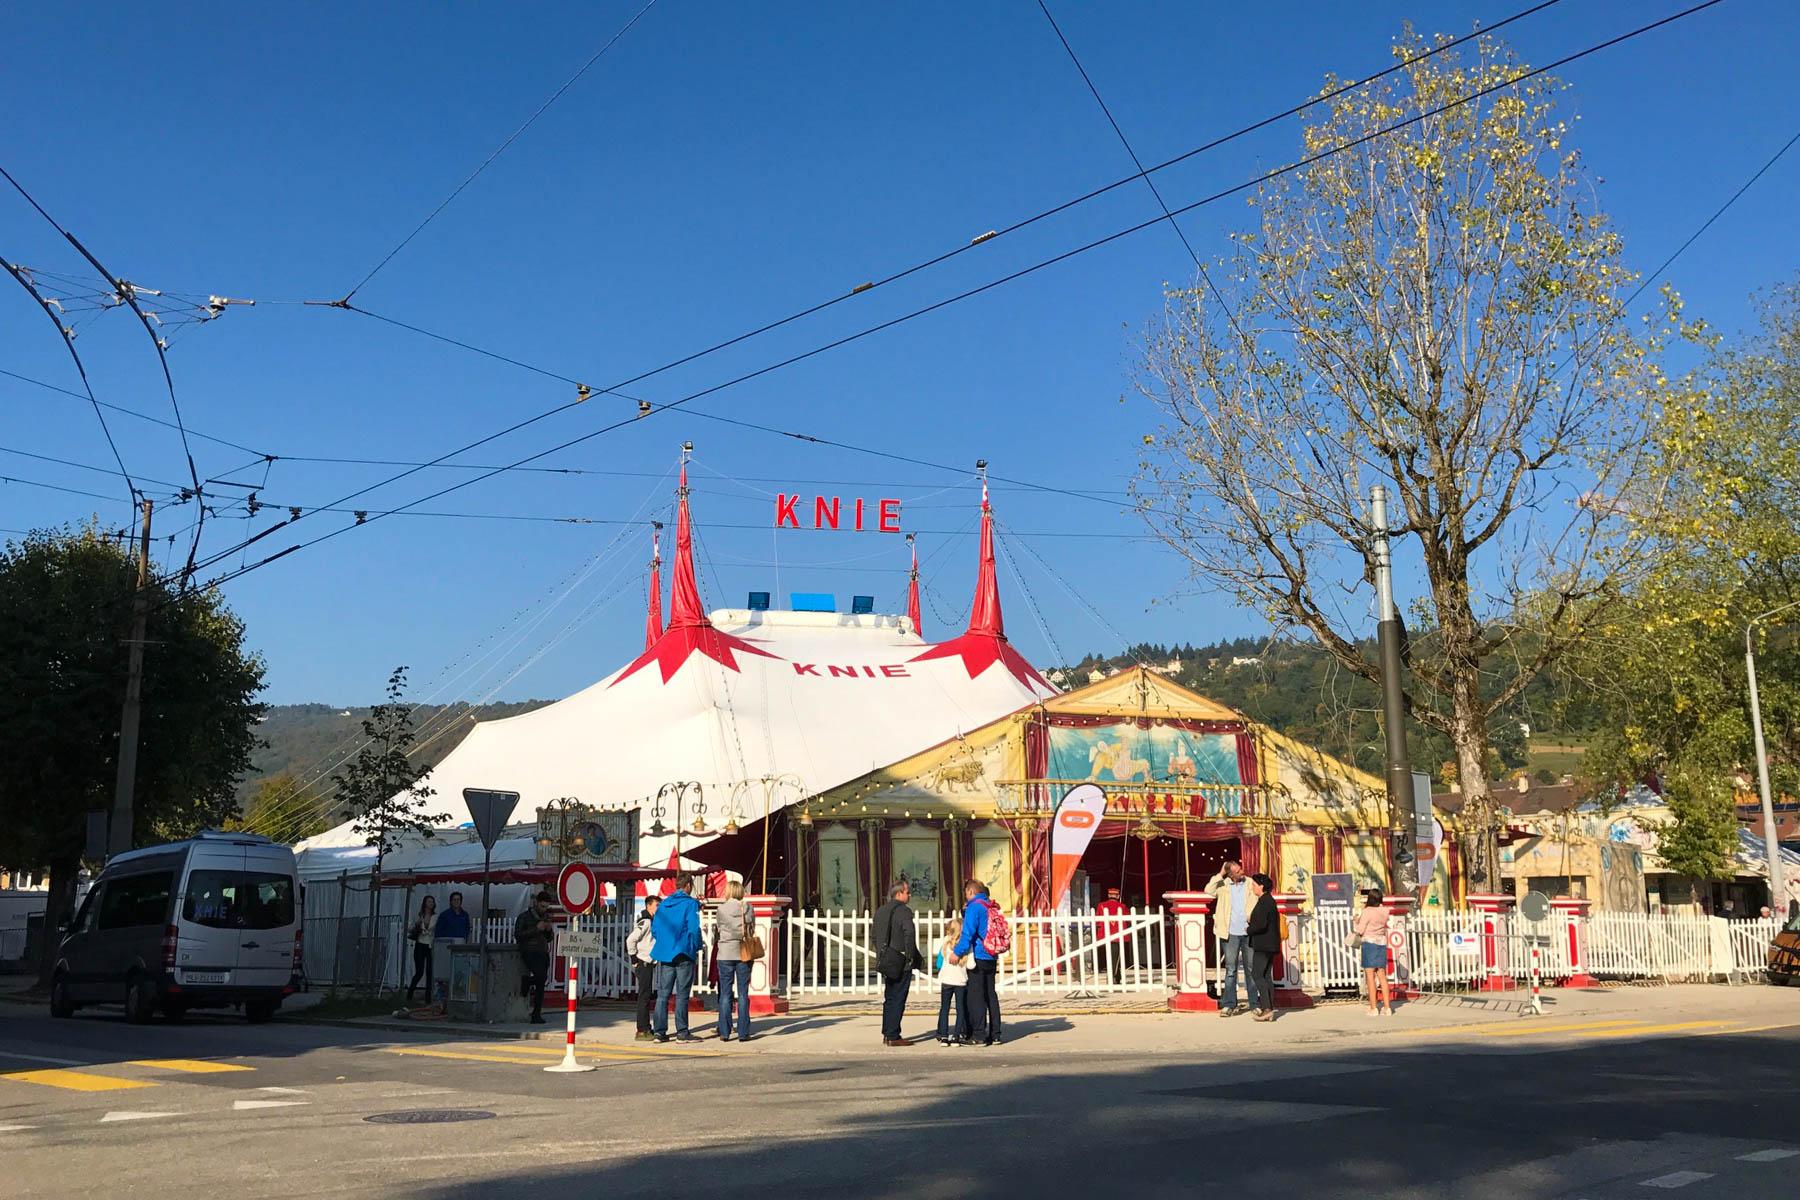 Zirkus-Knie-Fotobox-Setup-01